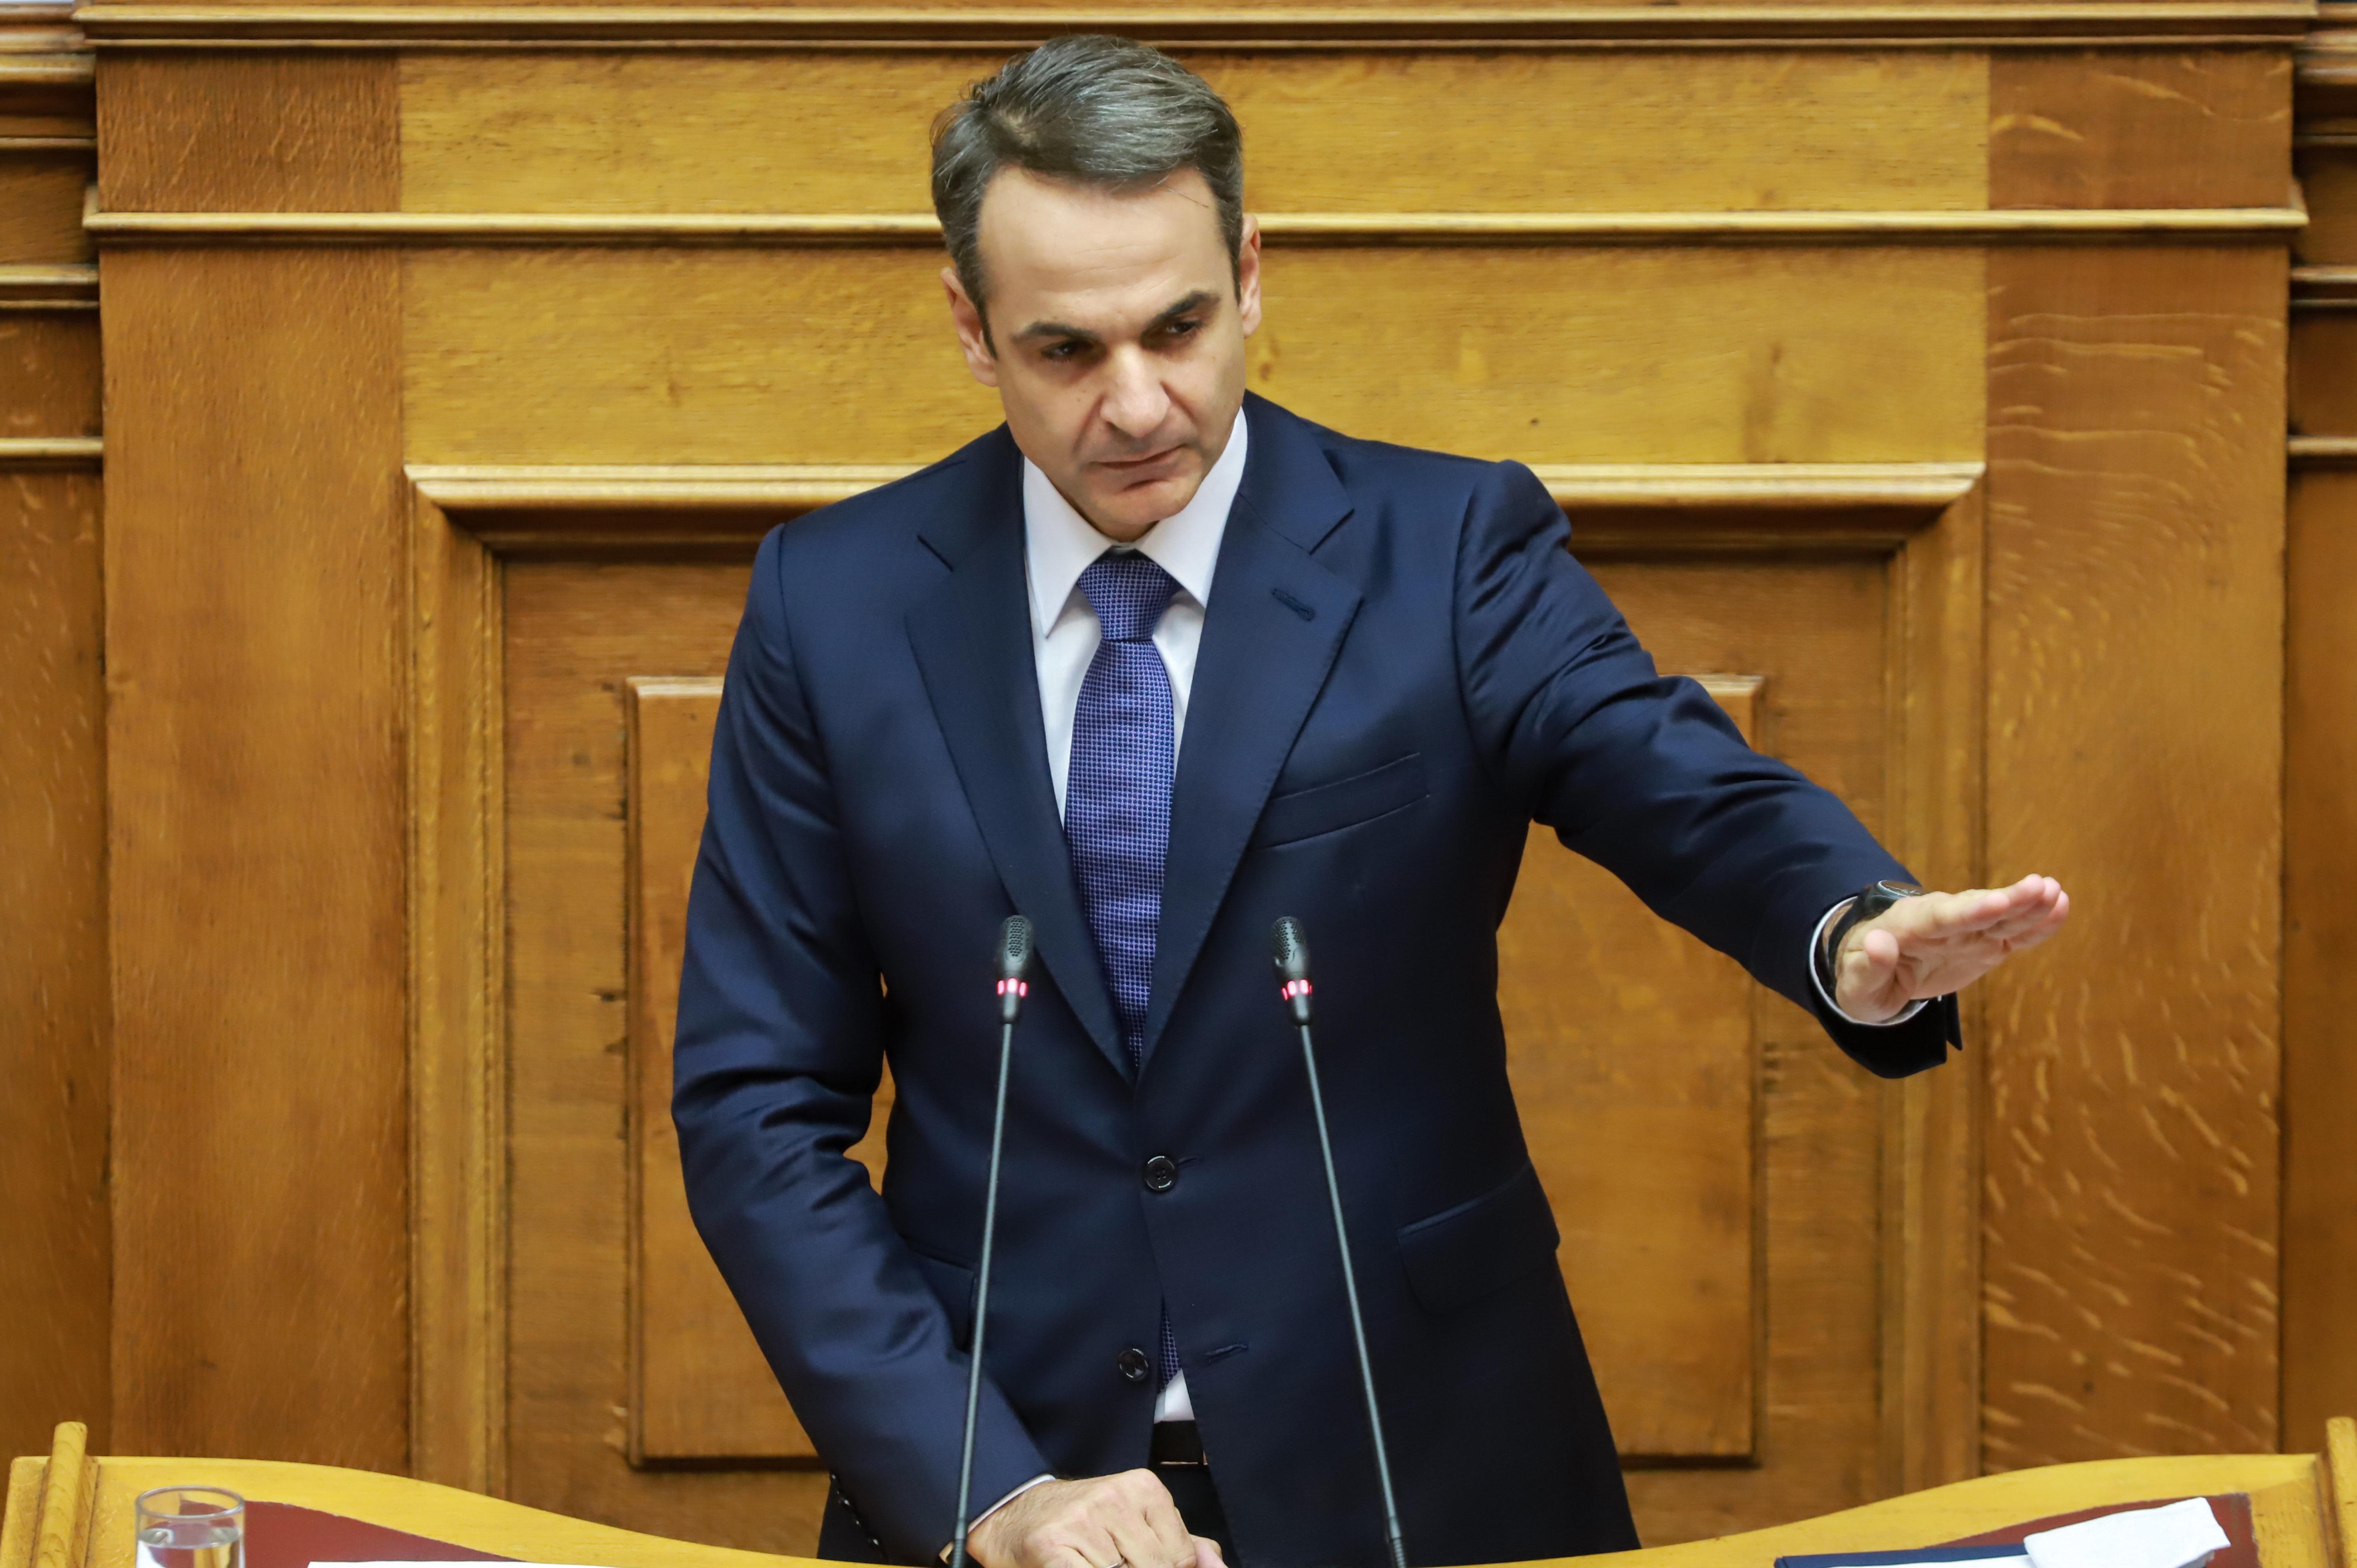 Μητσοτάκης: Καταψηφίζουμε τη χειρότερη κυβέρνηση της